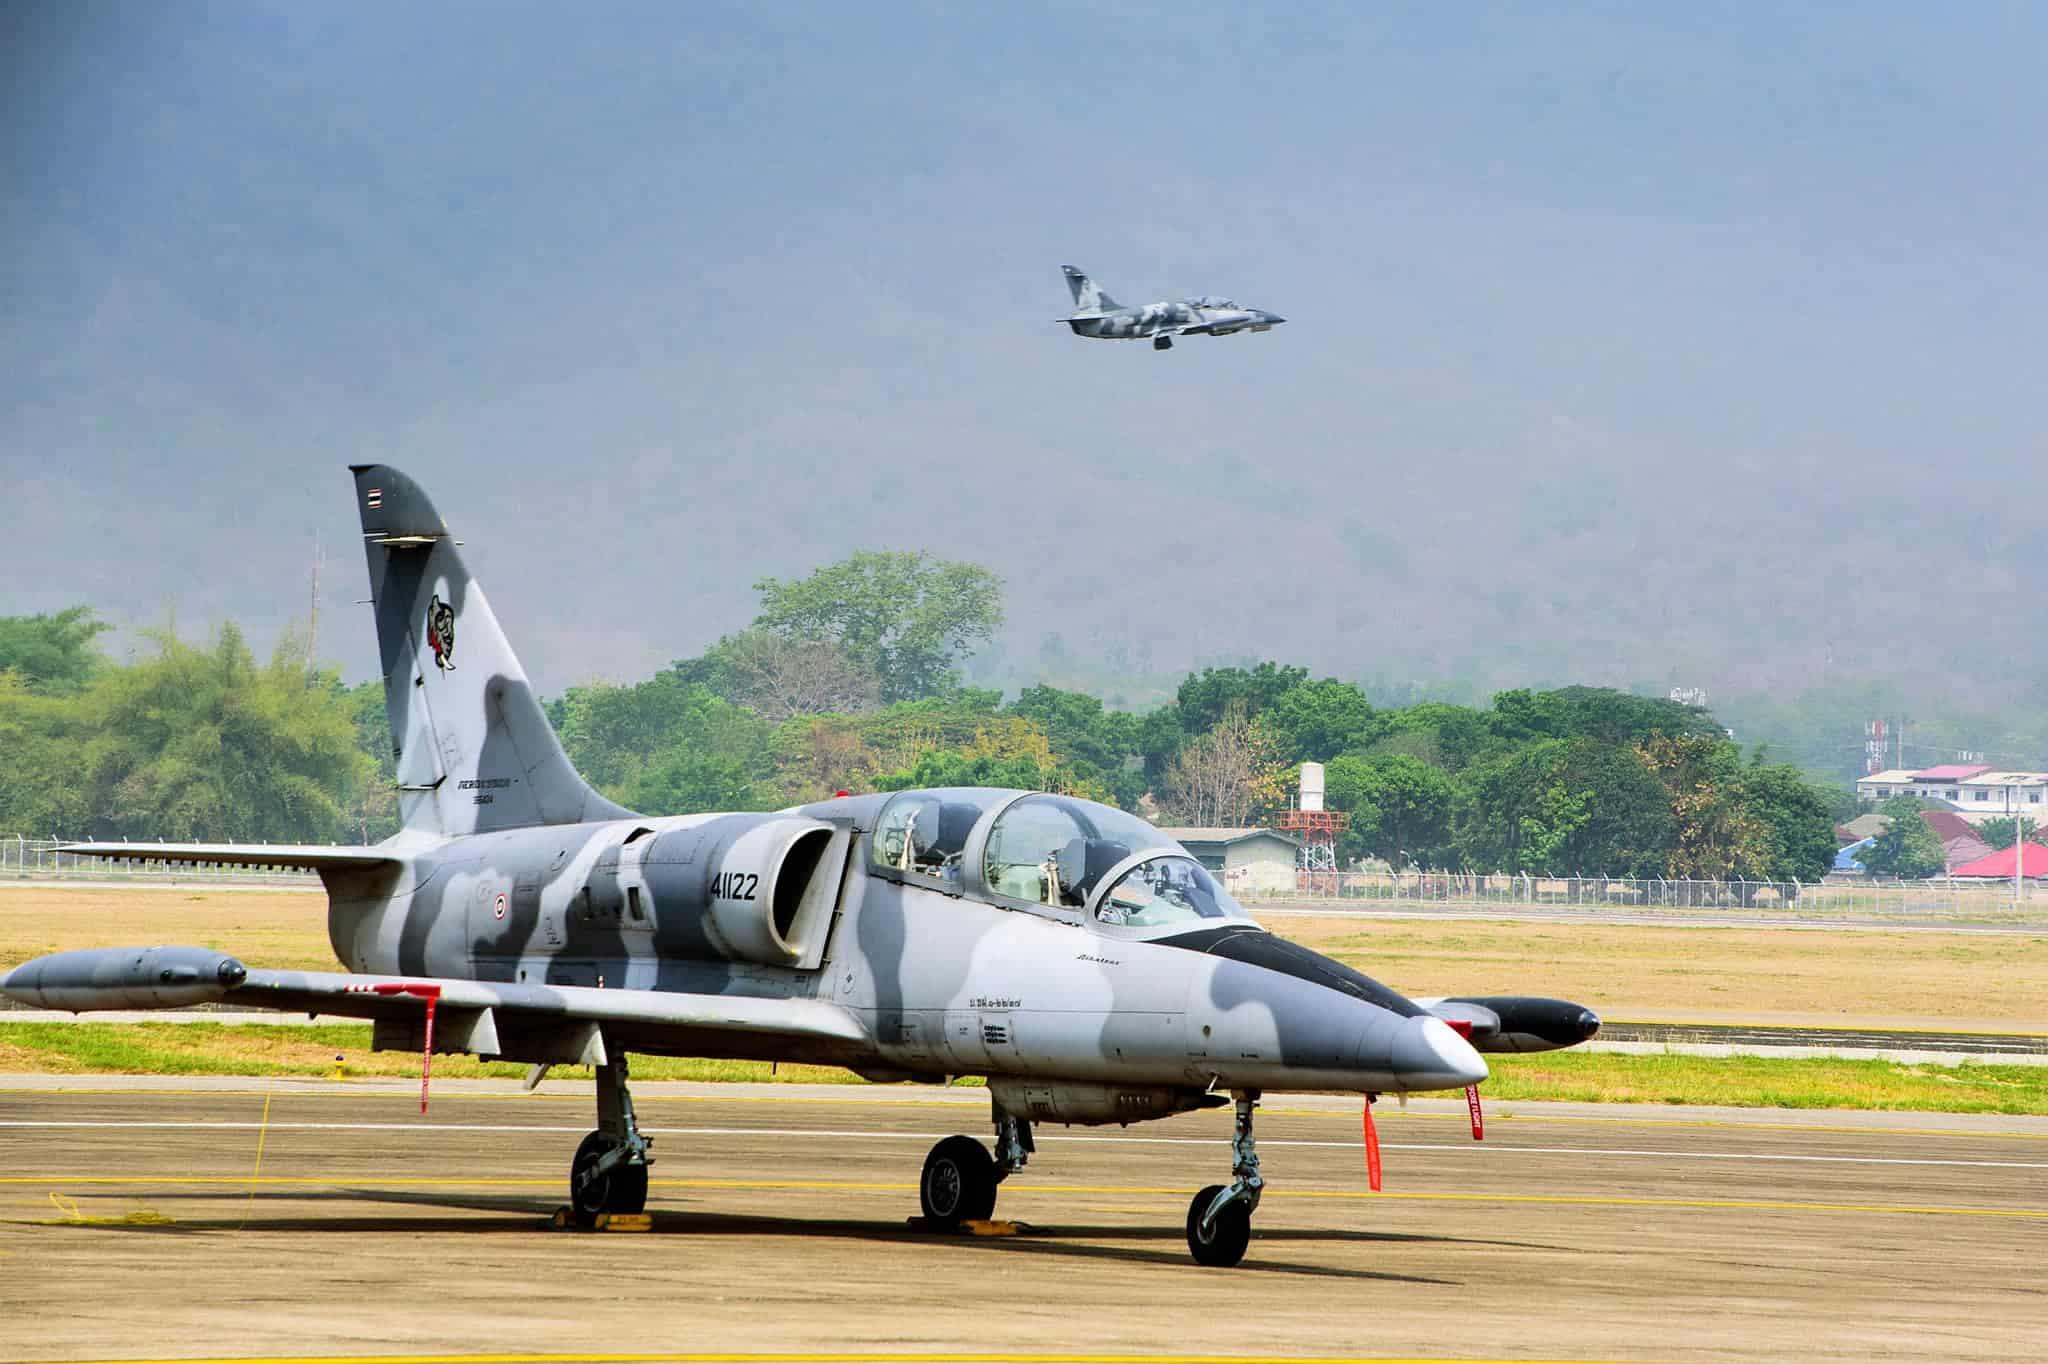 Легкі реактивні штурмовики L-39ZA Повітряних сил Таїланду